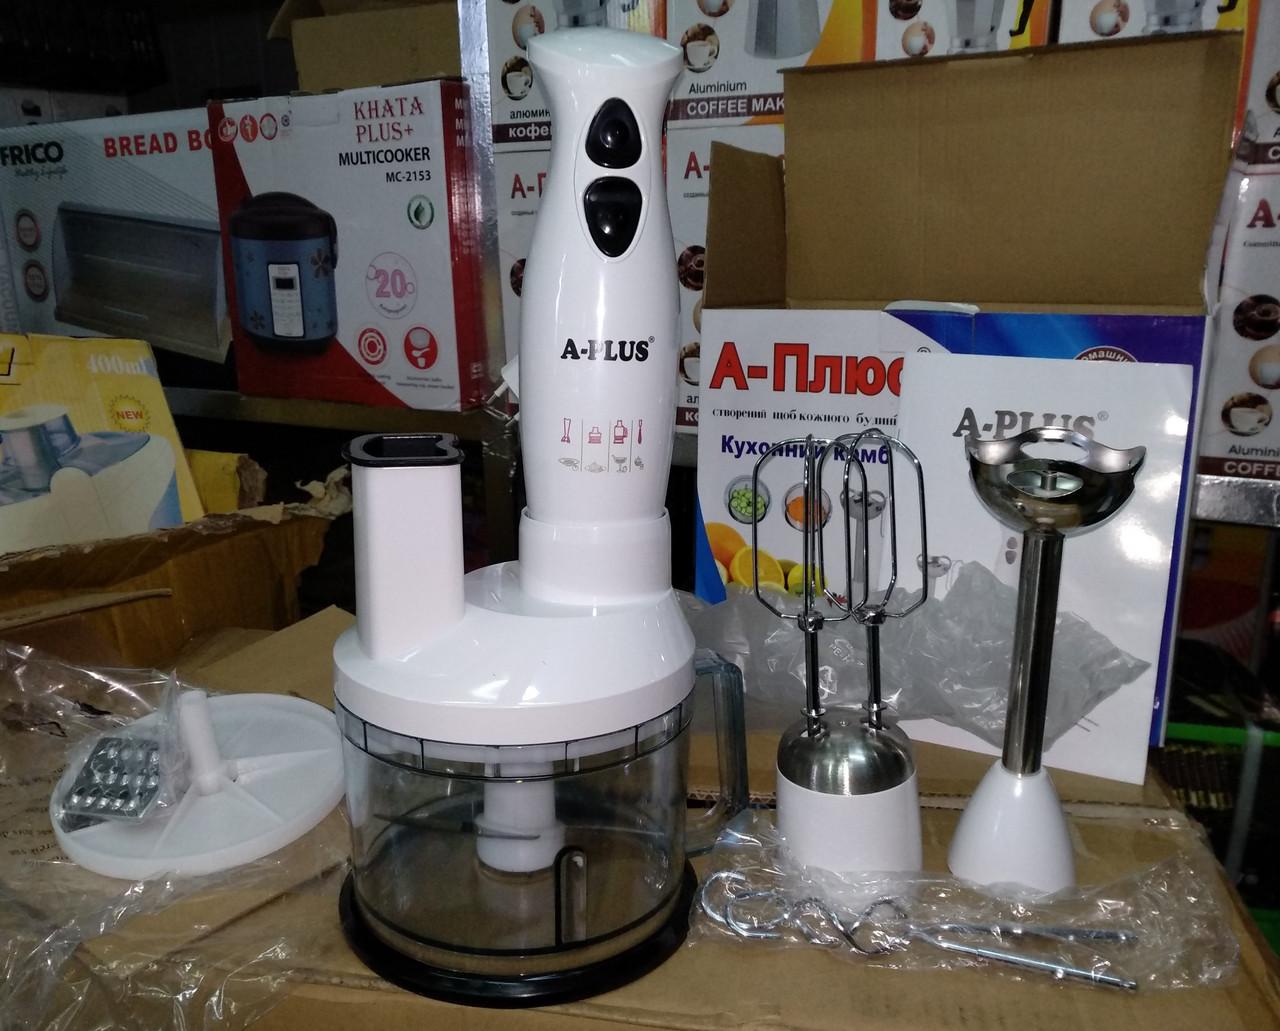 Кухонный комбайн (3 в 1) A-PLUS HB-1547 блендер, миксер, шинковка (350W)